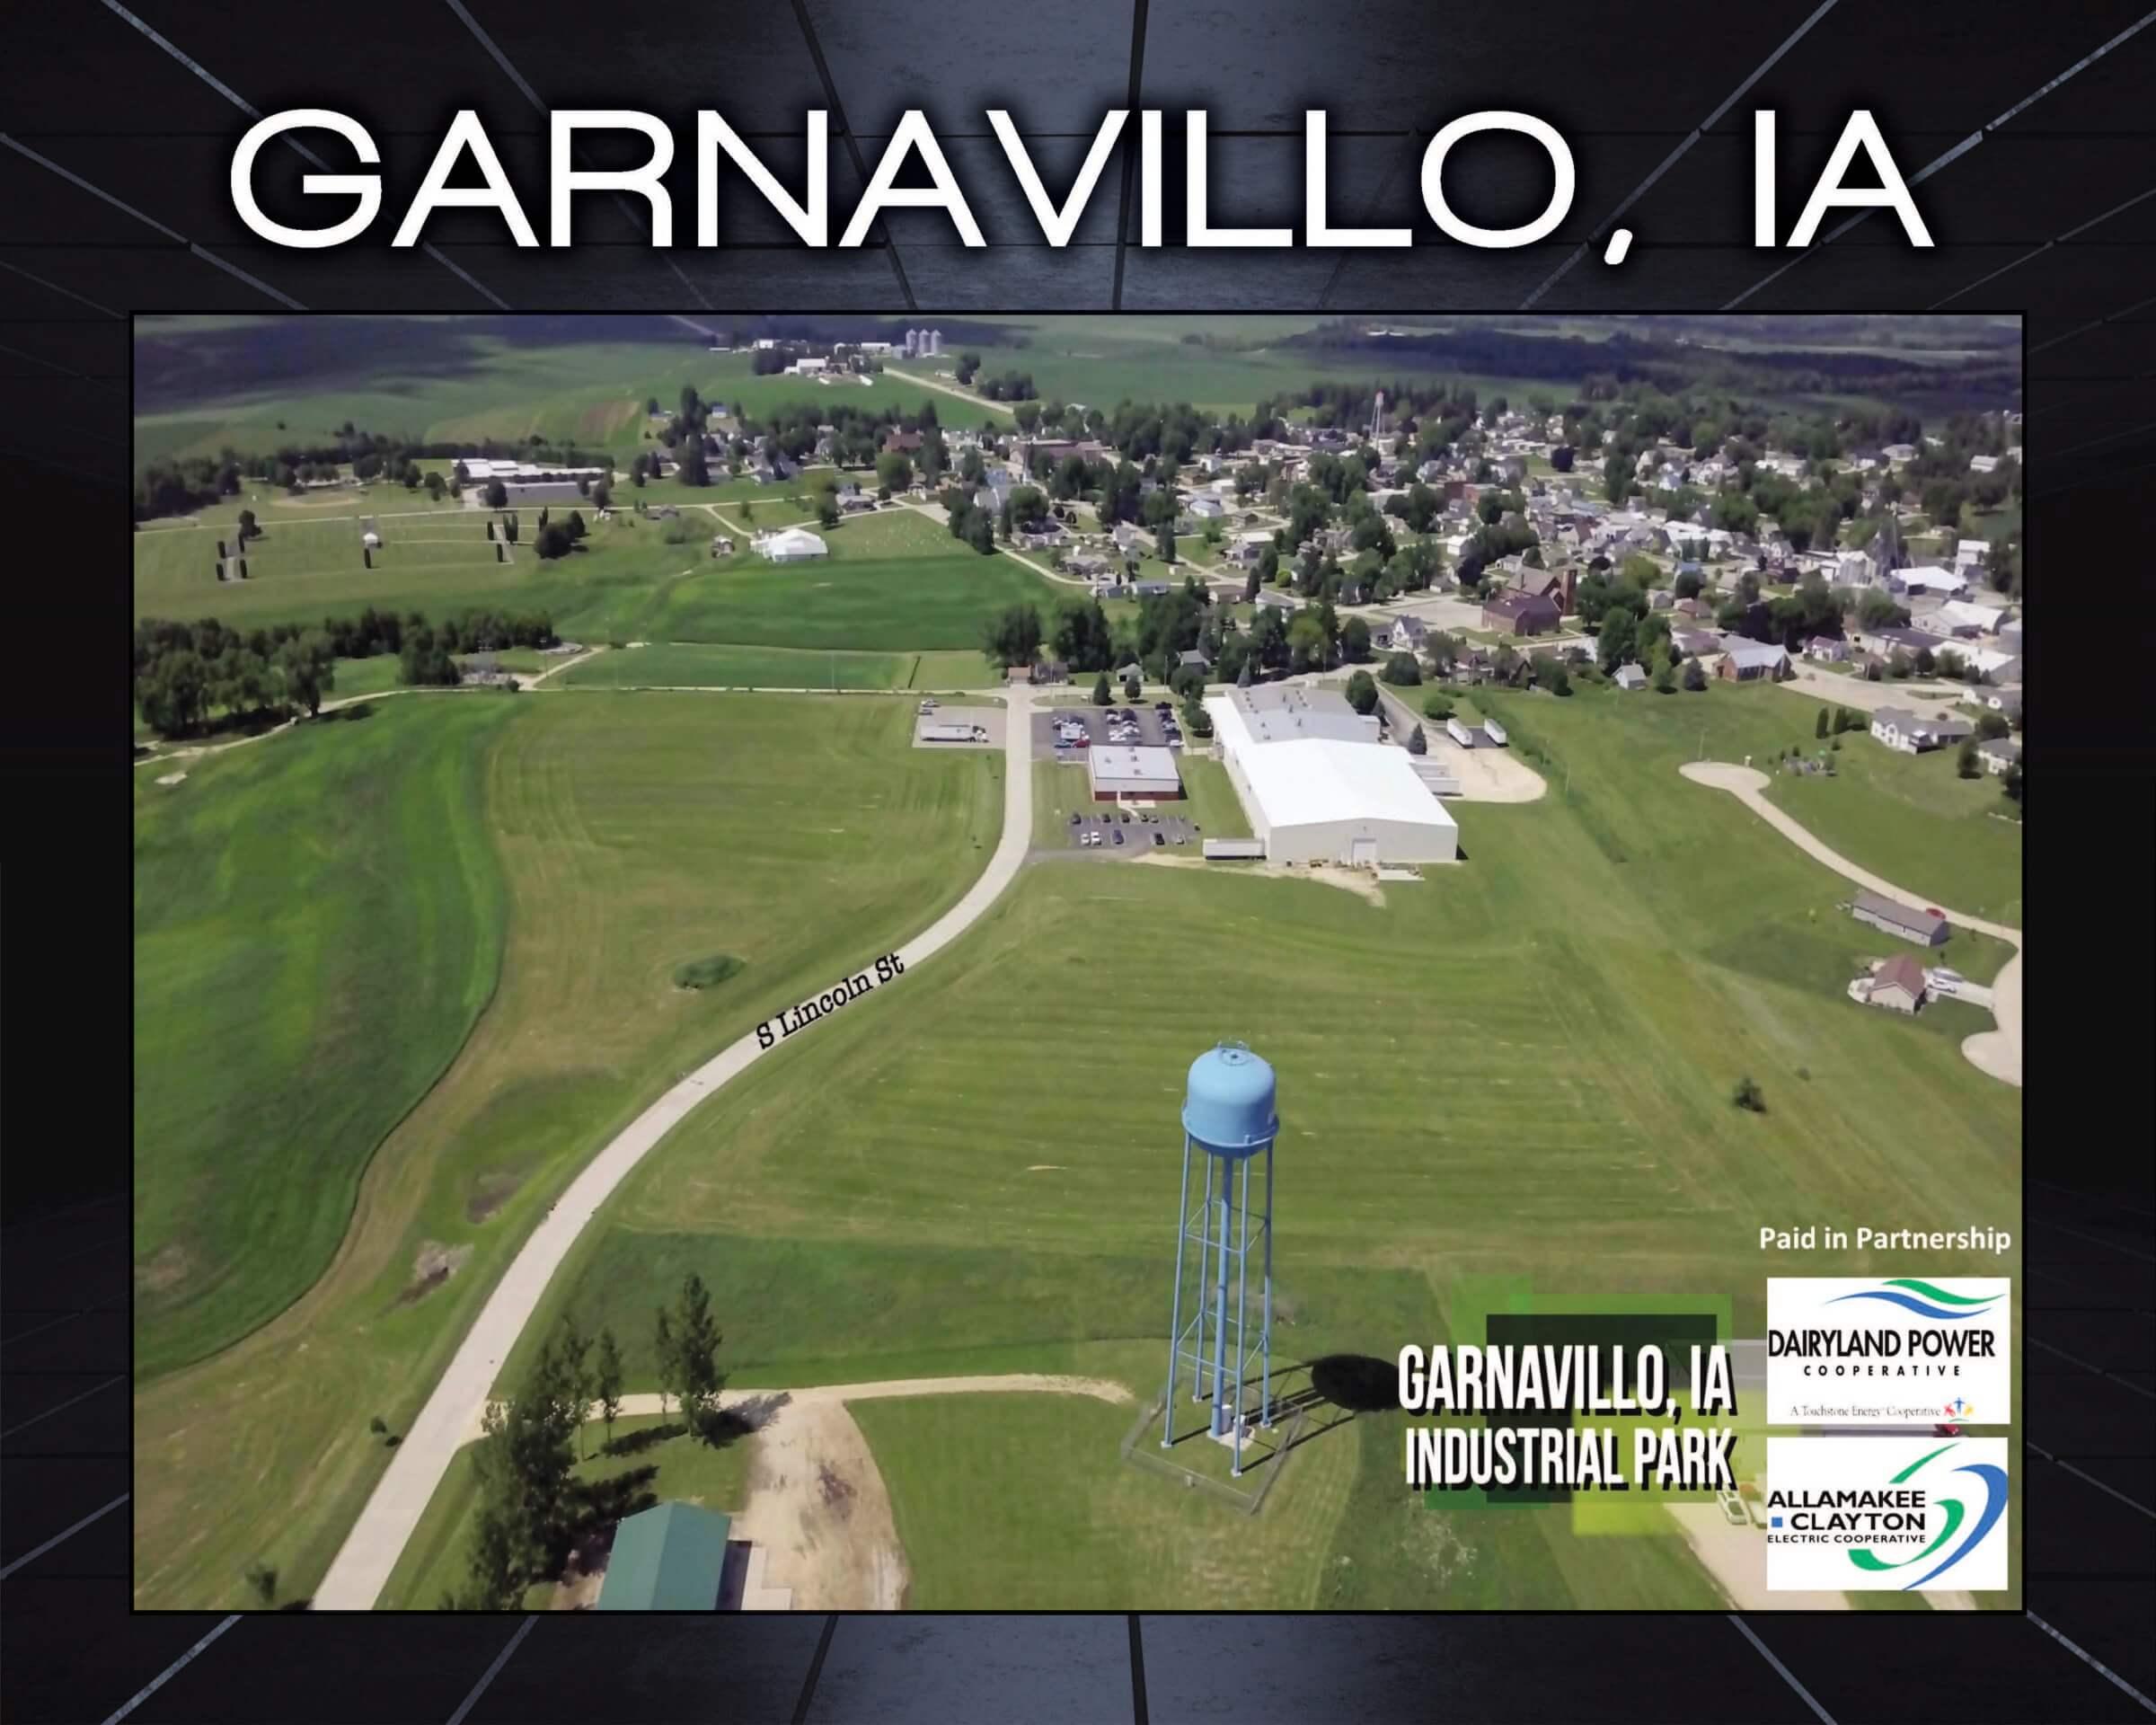 Garnavillo Industrial